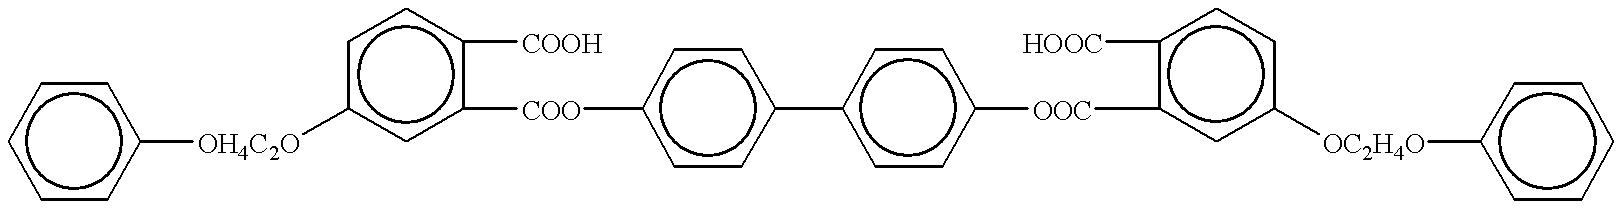 Figure US06180560-20010130-C00244